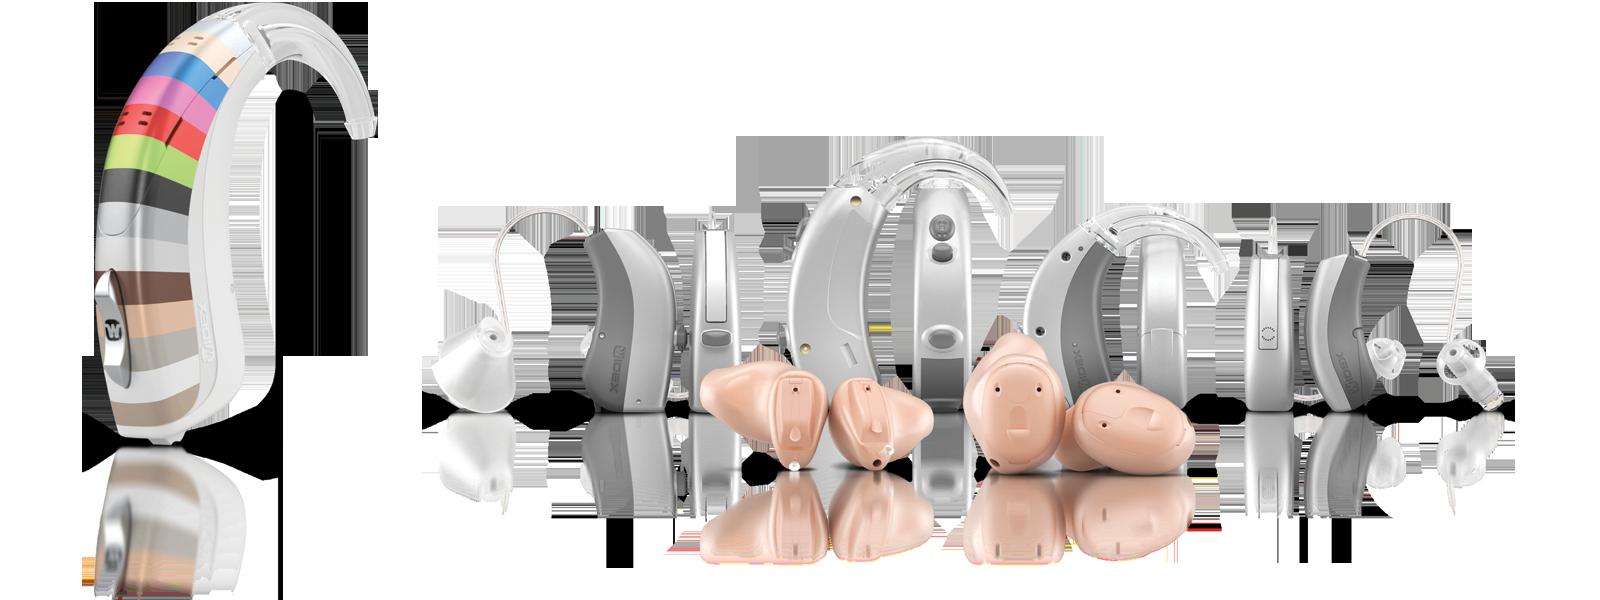 Slušni aparati - WIDEX d.o.o. | Slušni aparati z najdaljšo ...